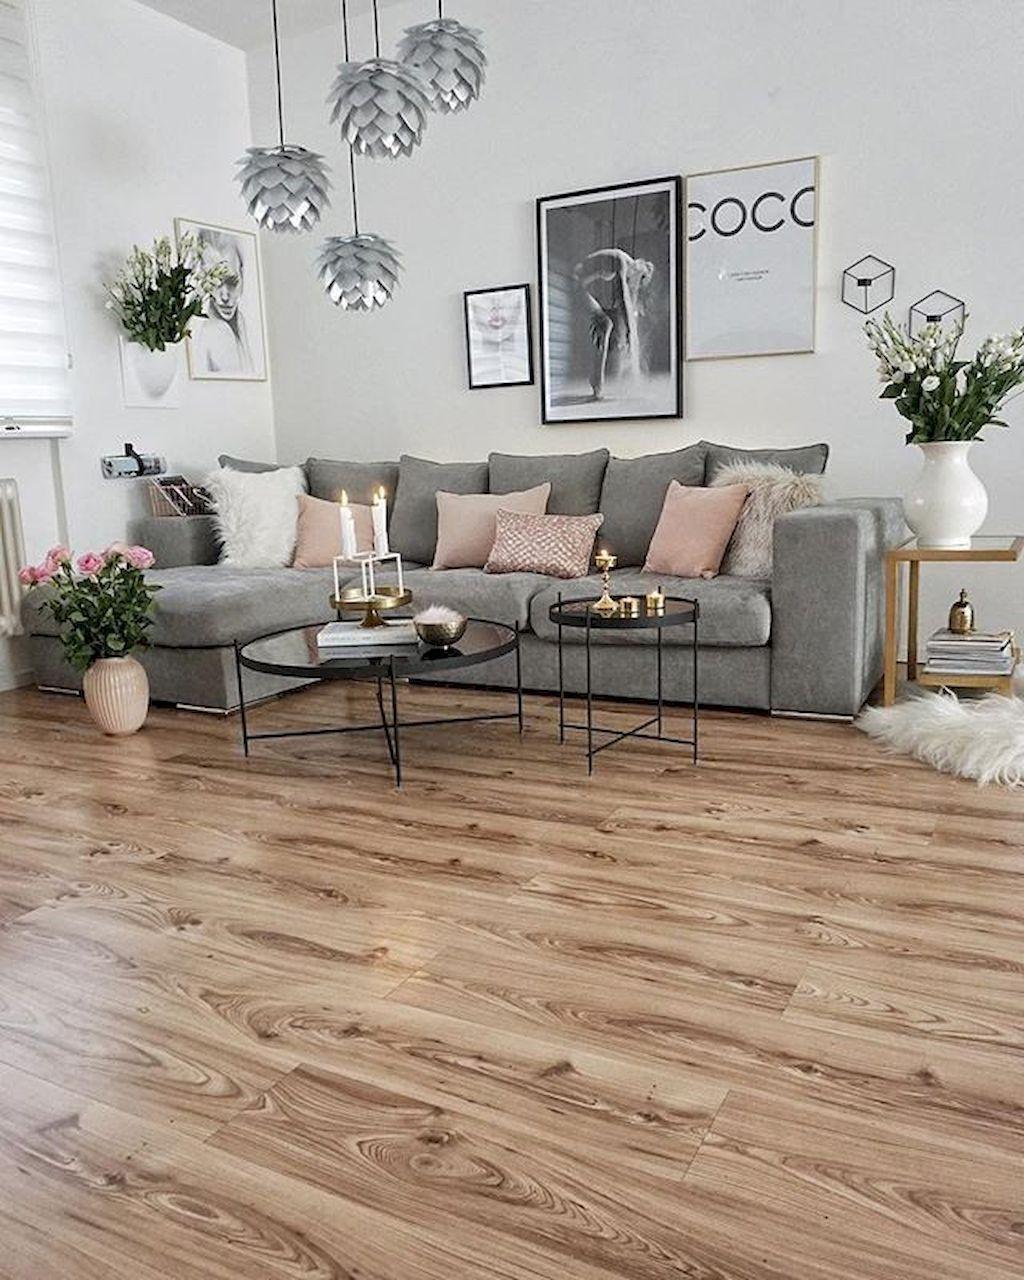 Innenarchitektur für schlafzimmer-tv-einheit  wonderful minimalist living room design ideas  minimalist